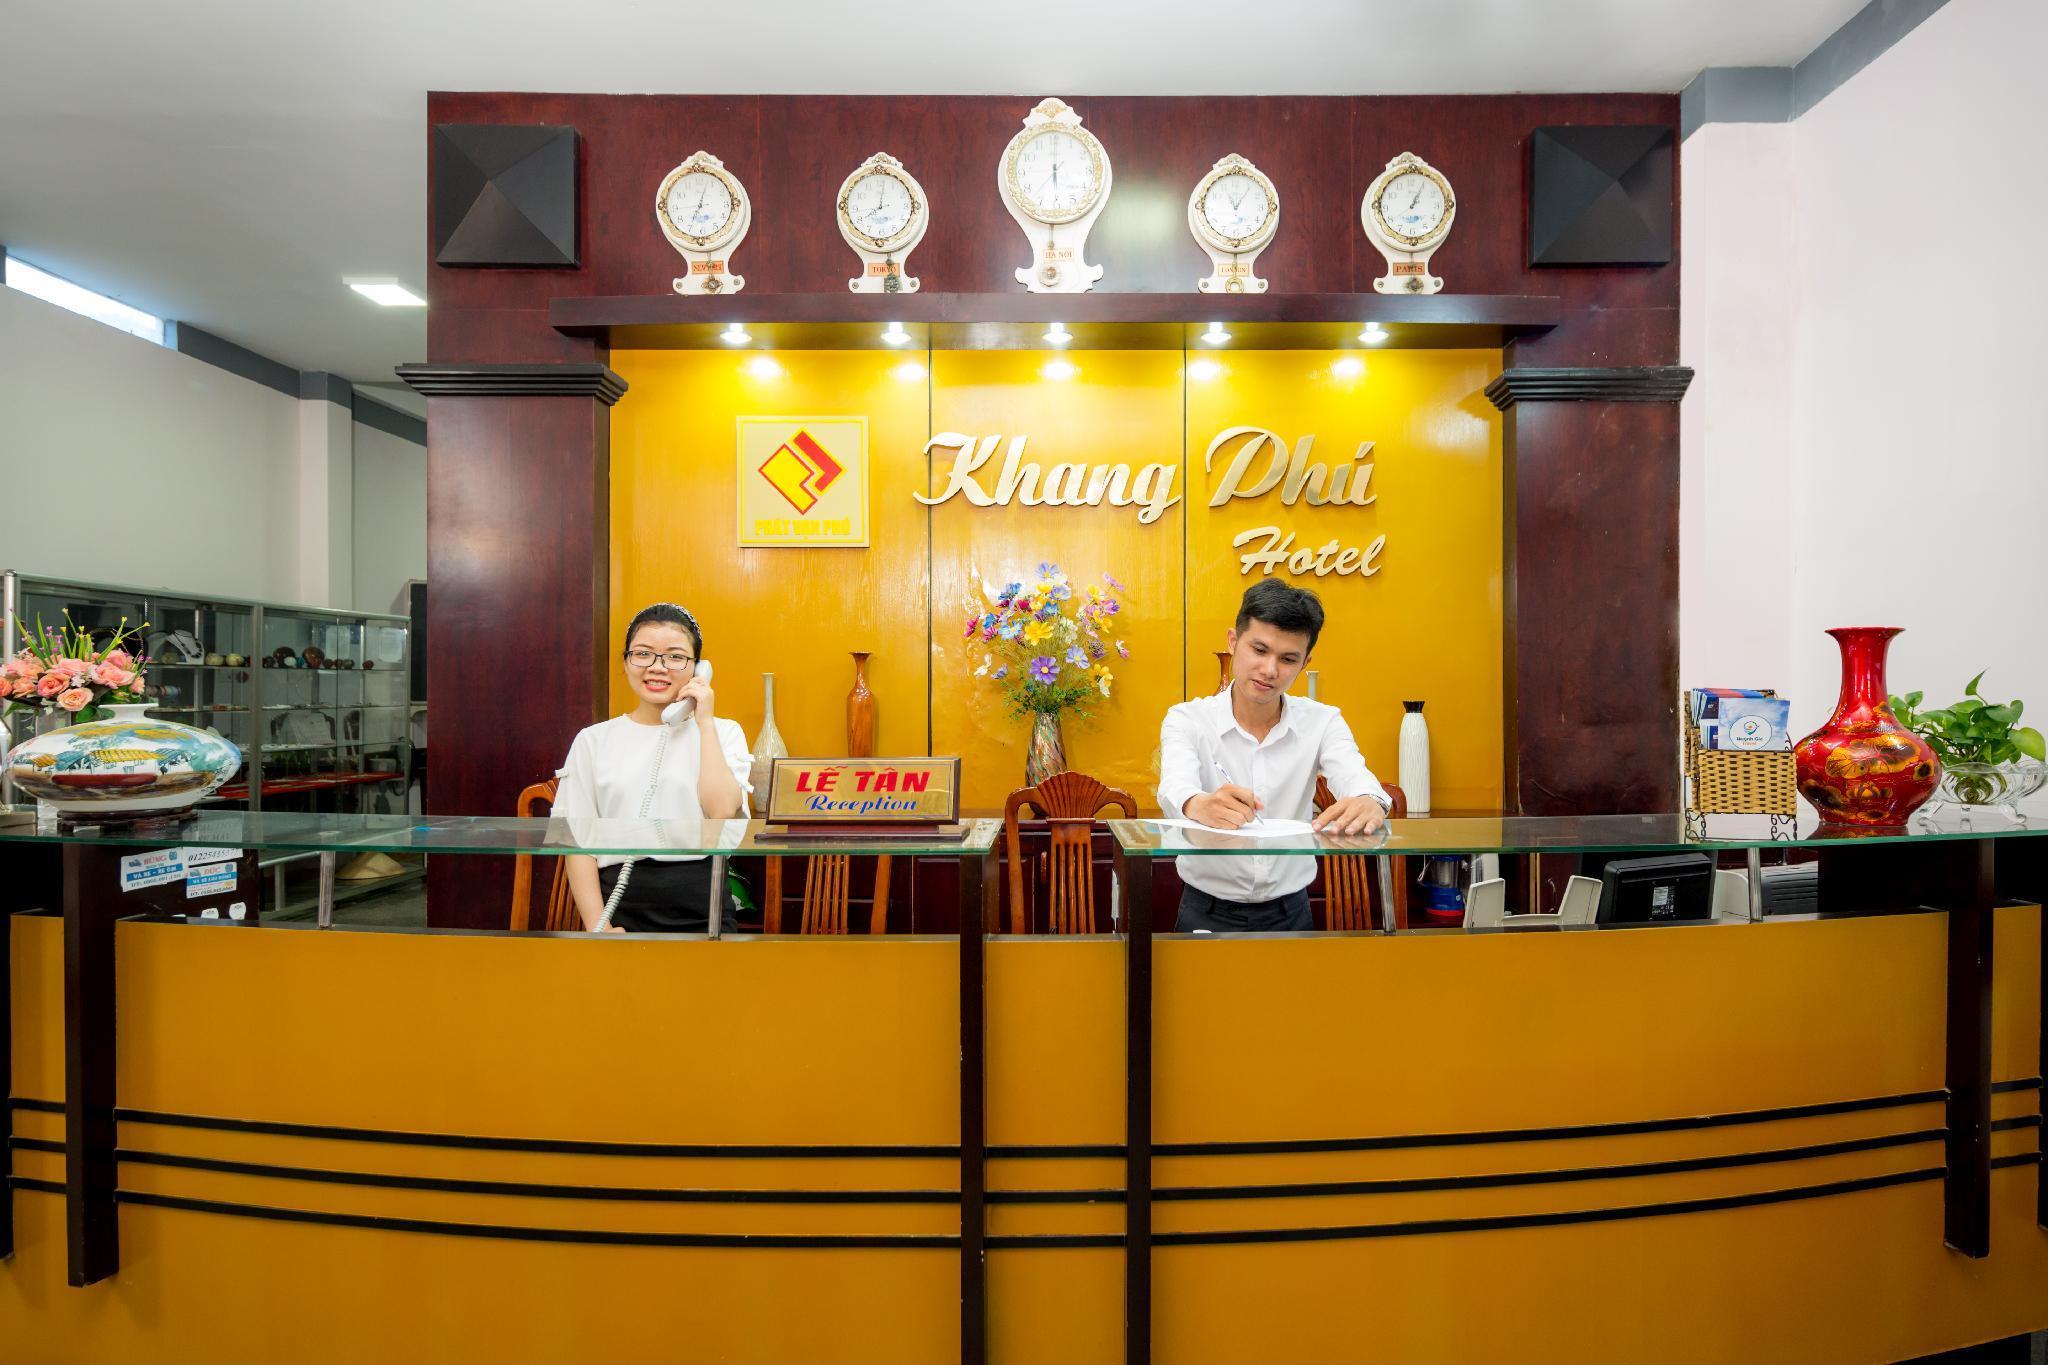 Khách Sạn Khang Phú Đà Nẵng